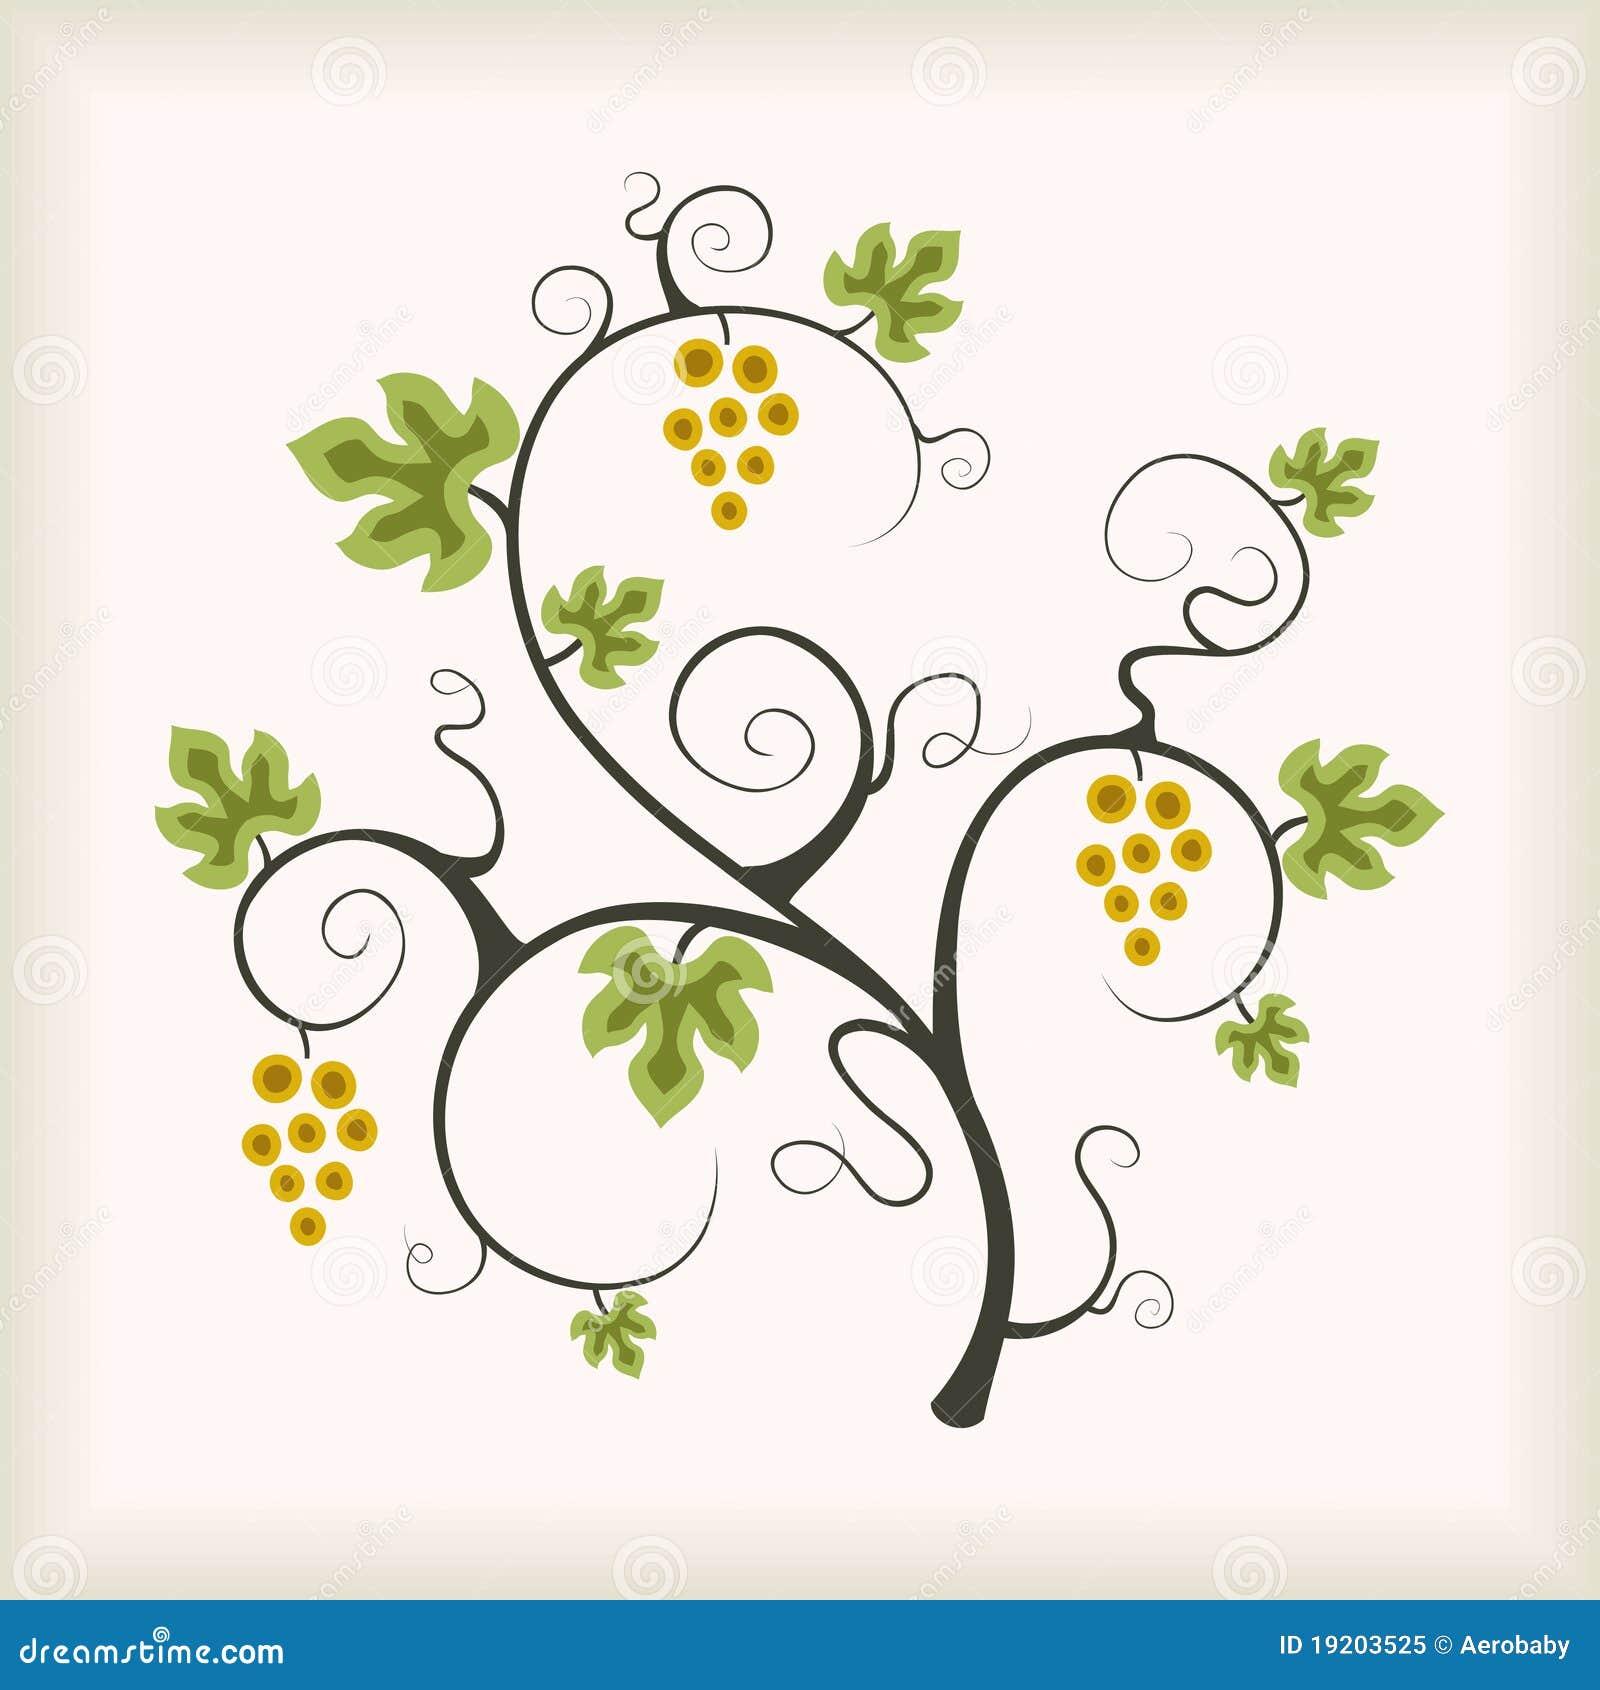 Wijnstokboom.